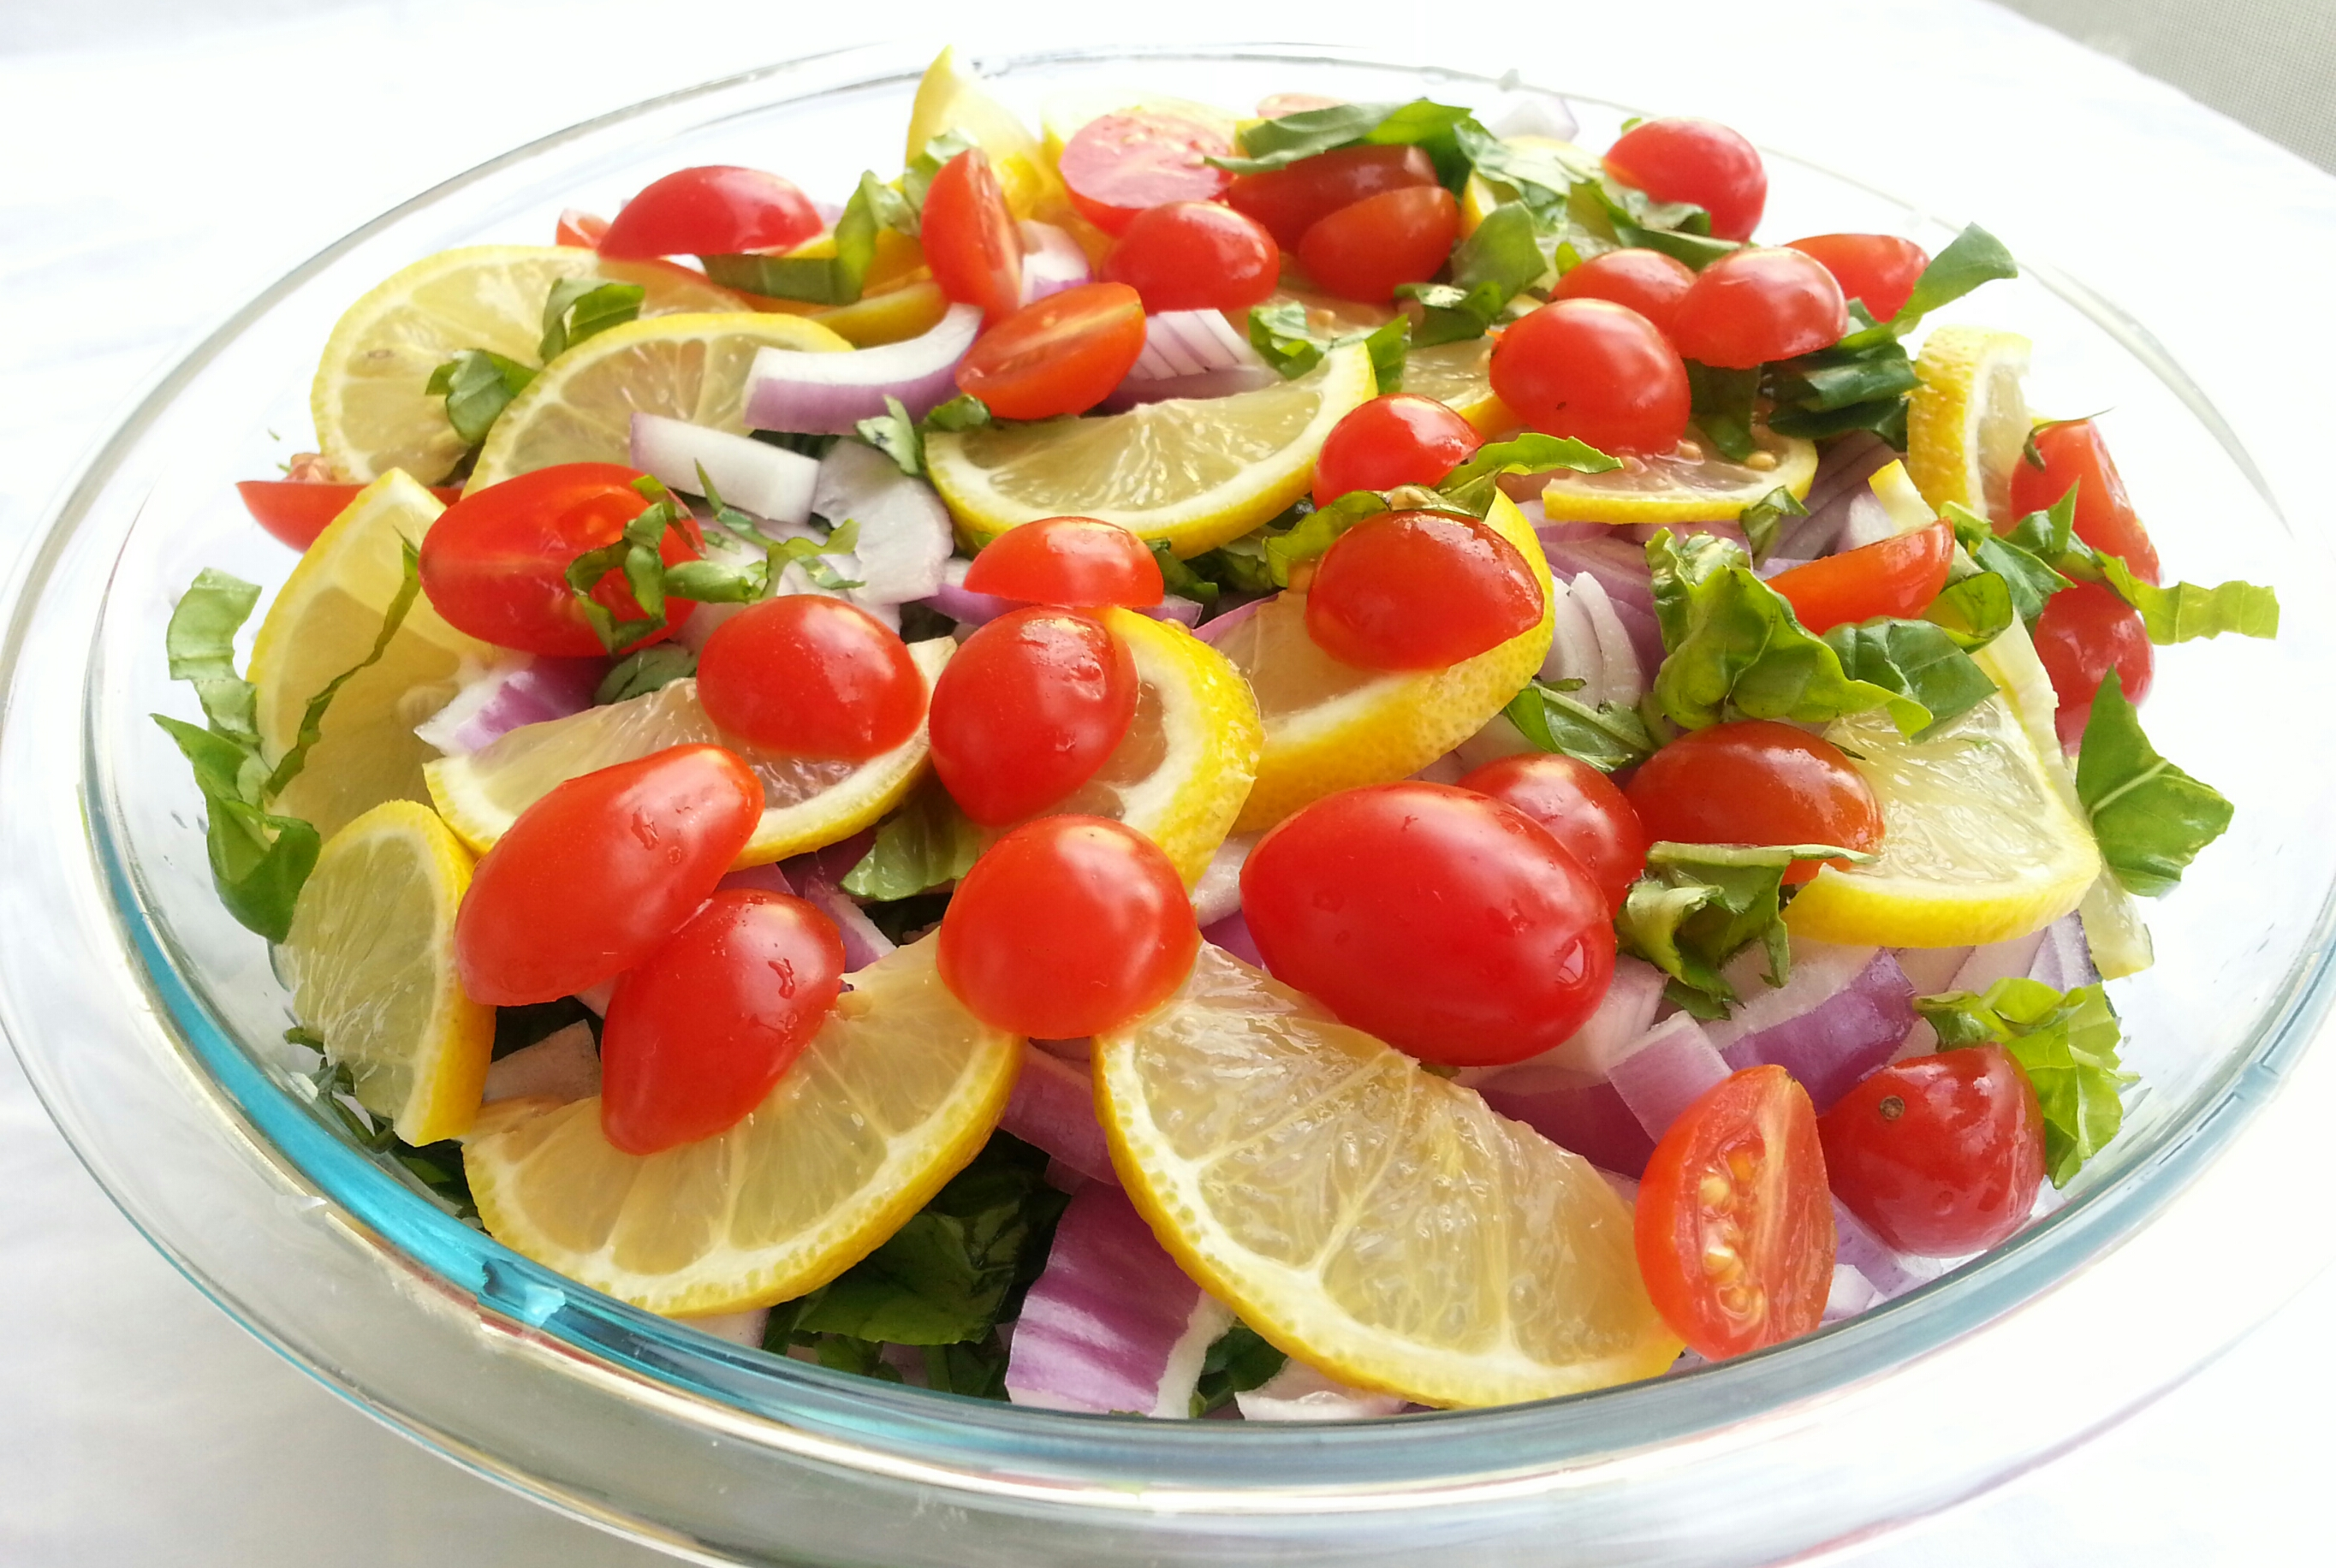 Lemon Pasta Salad Ingredients